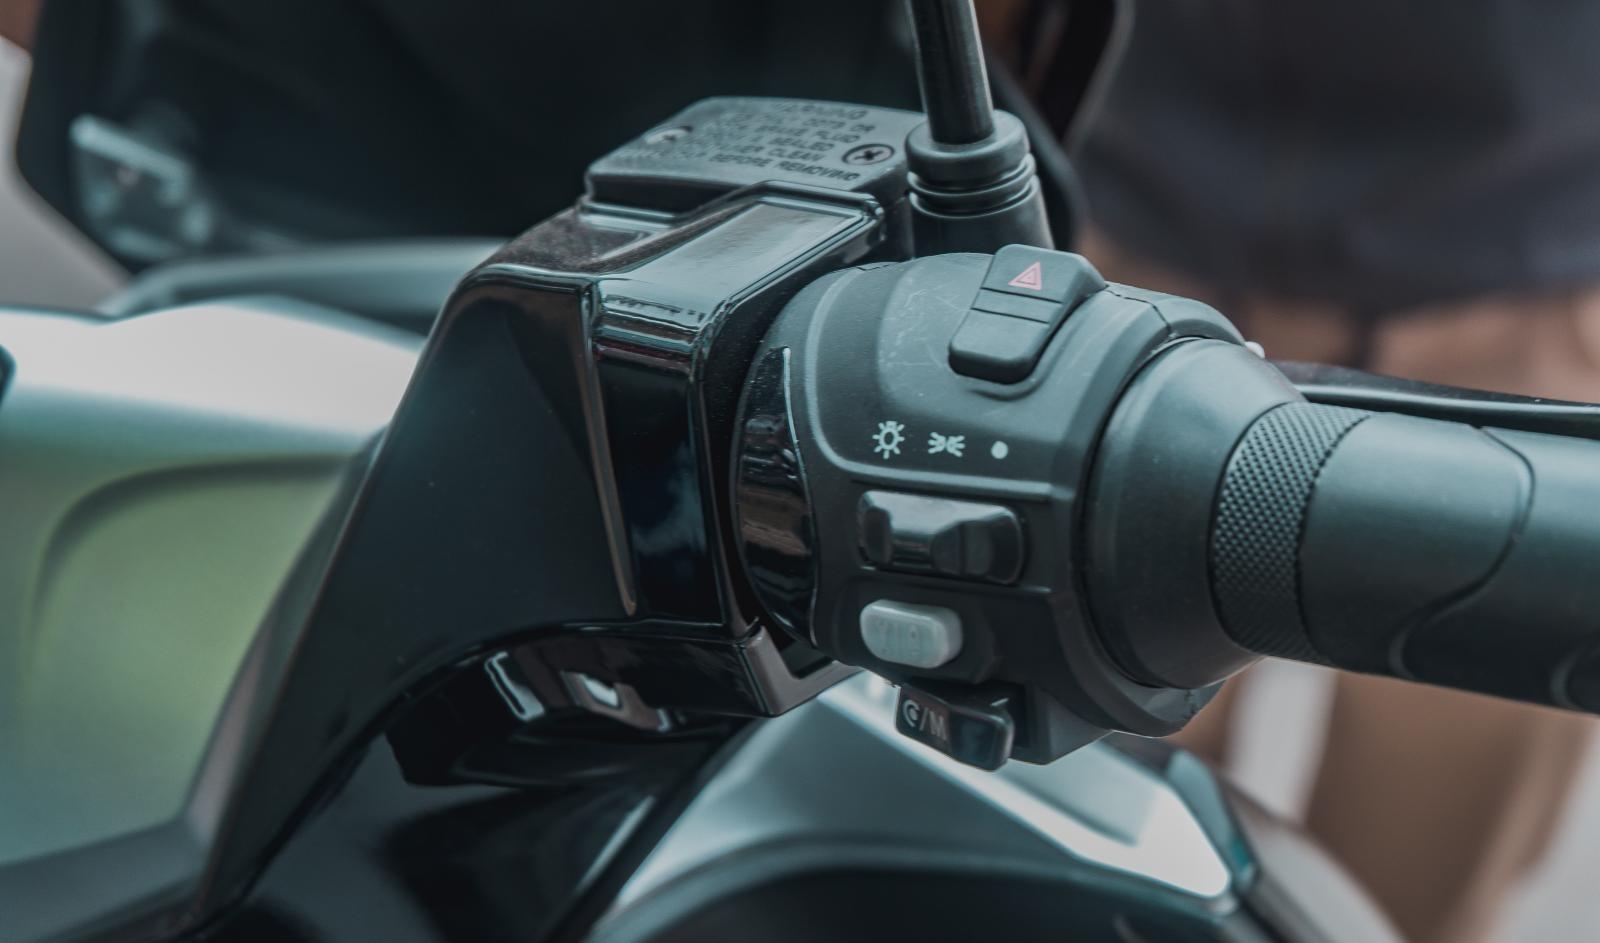 Nút bấm ở vị trí đề quen thuộc trên xe tay ga chính là nút điều chỉnh Mode chạy của Pega NewTech